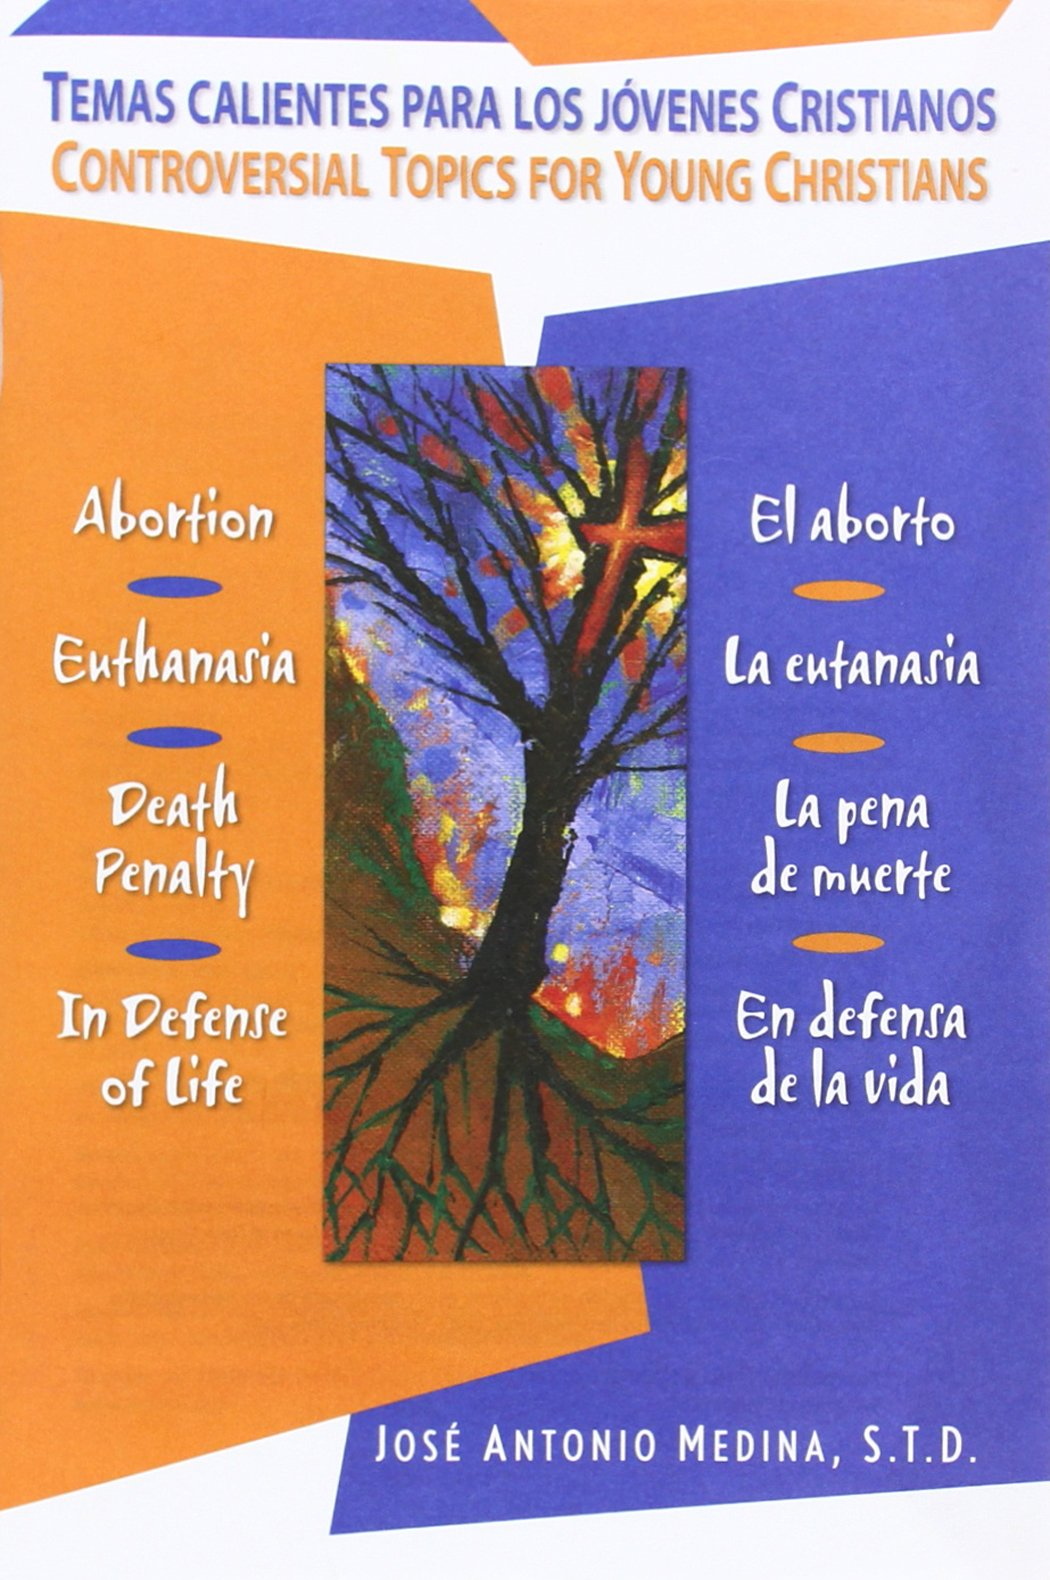 Temas Calientes Para Los Jovenes Cristianos/Controversial Topics for Young Christians: El Aborto, La Eutanasia, La Pena de Muerte, En Defensa de La Vi (Spanish and English Edition) pdf